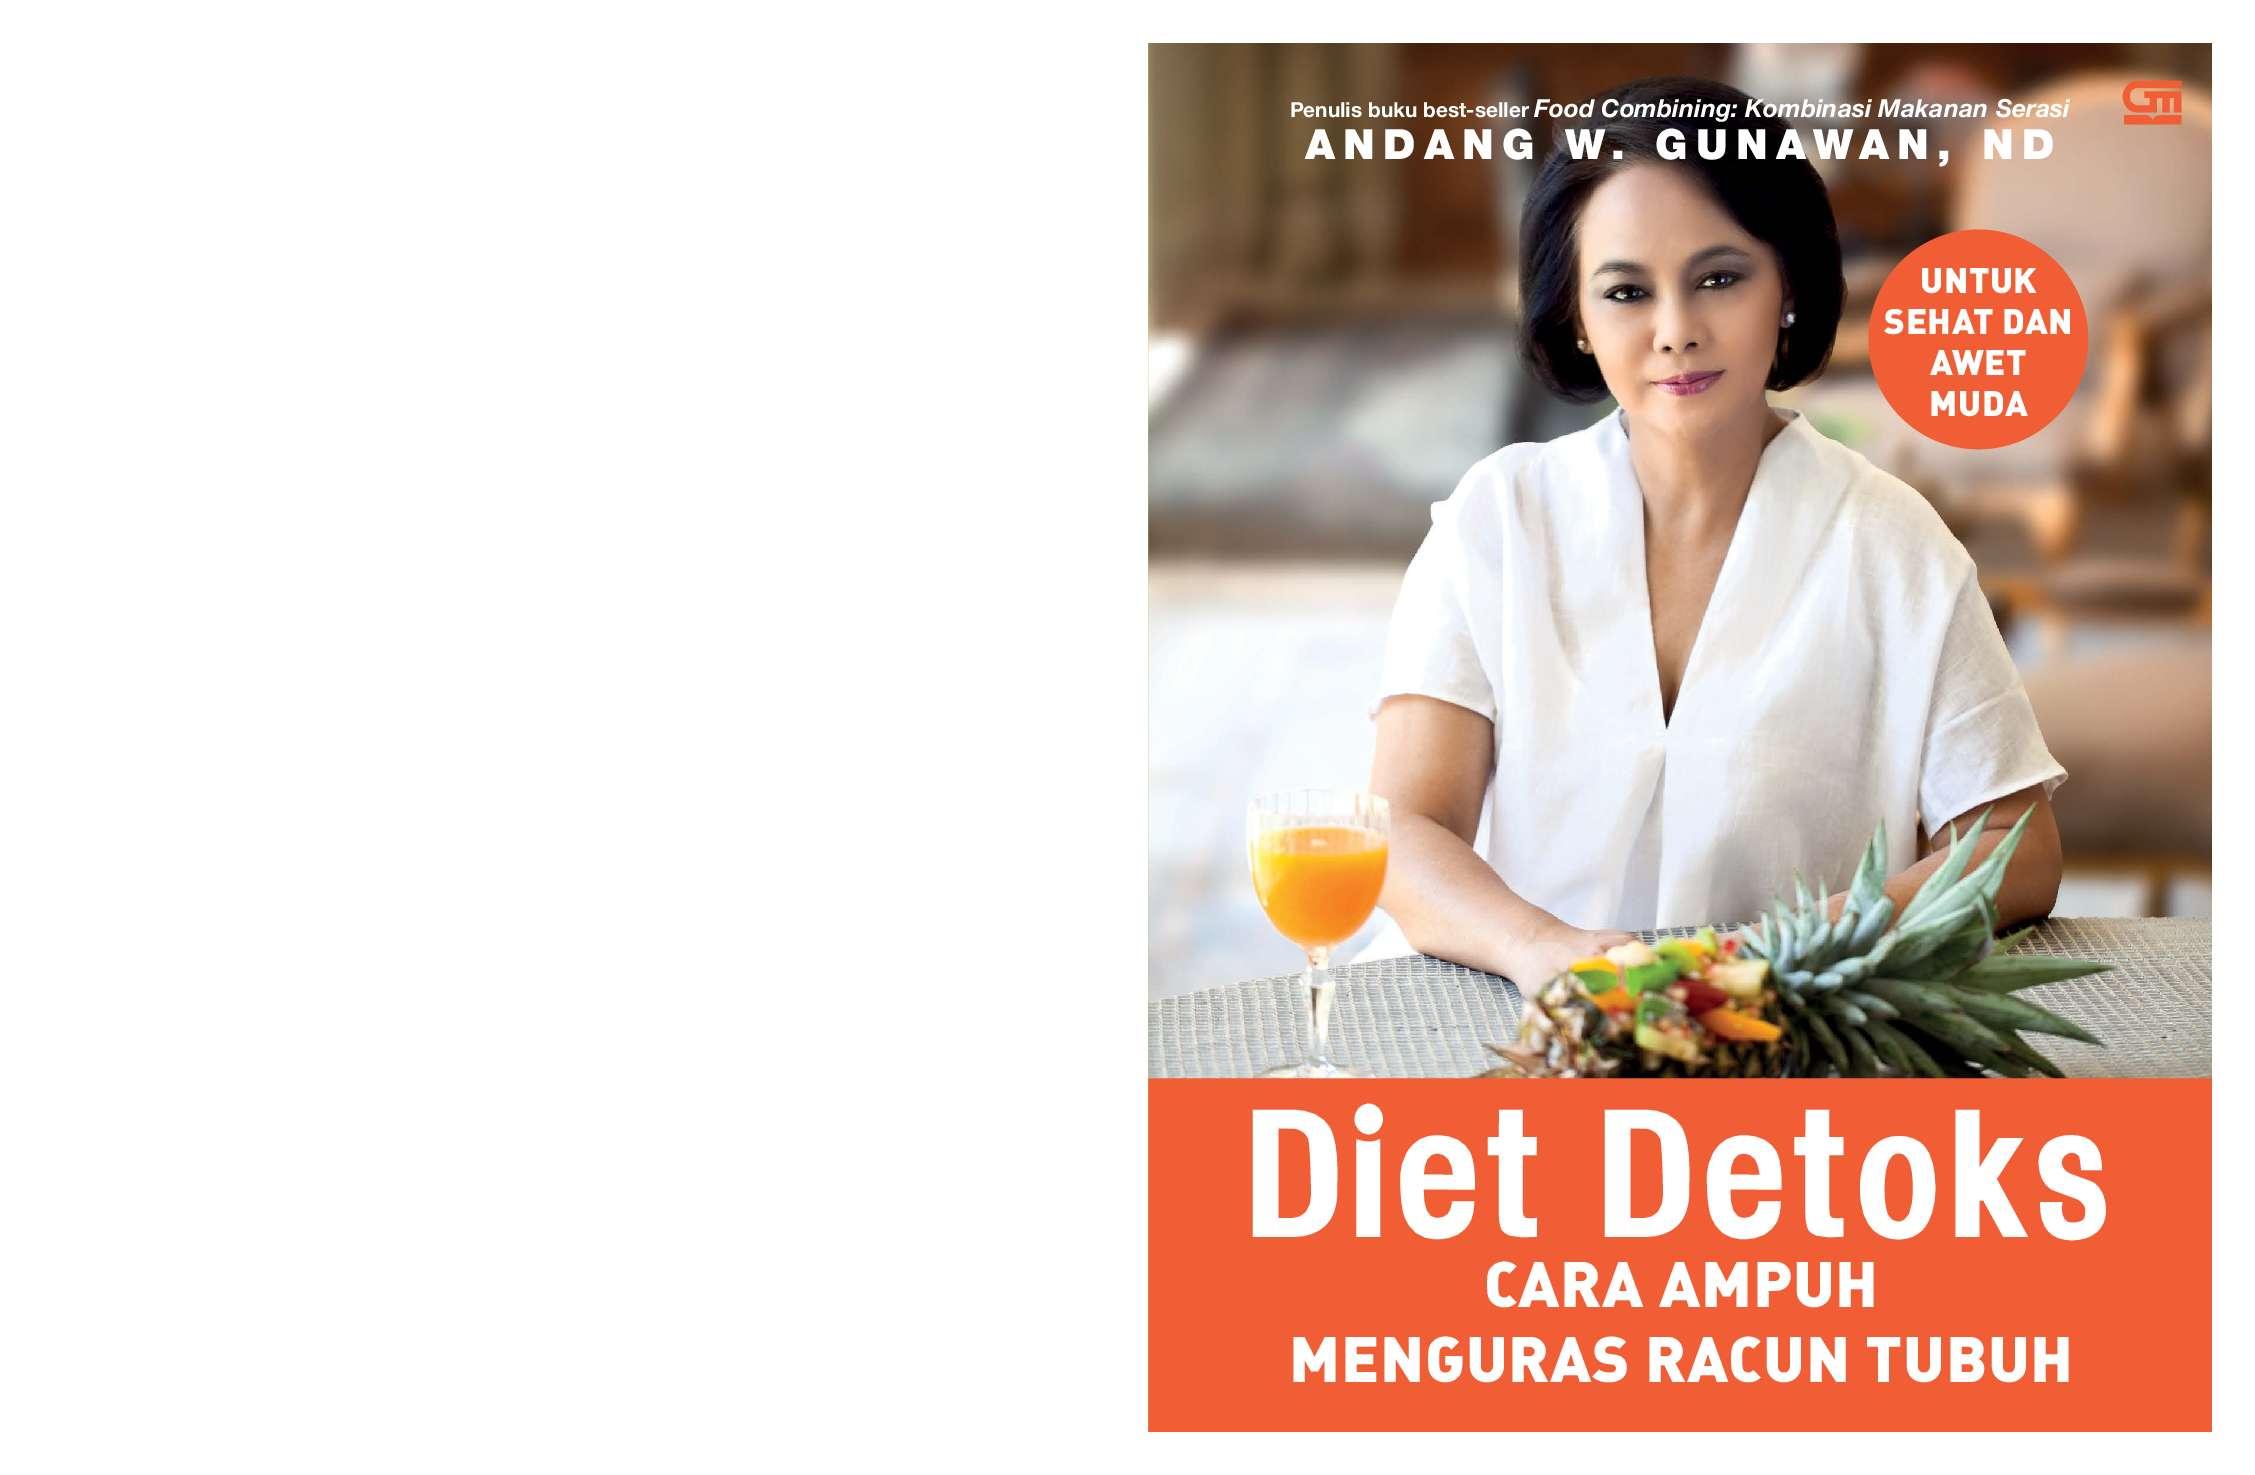 Mau Menguras Racun dengan Diet Detoks? Jangan Kaget Kalau Warna dan Bau Kencing Begini